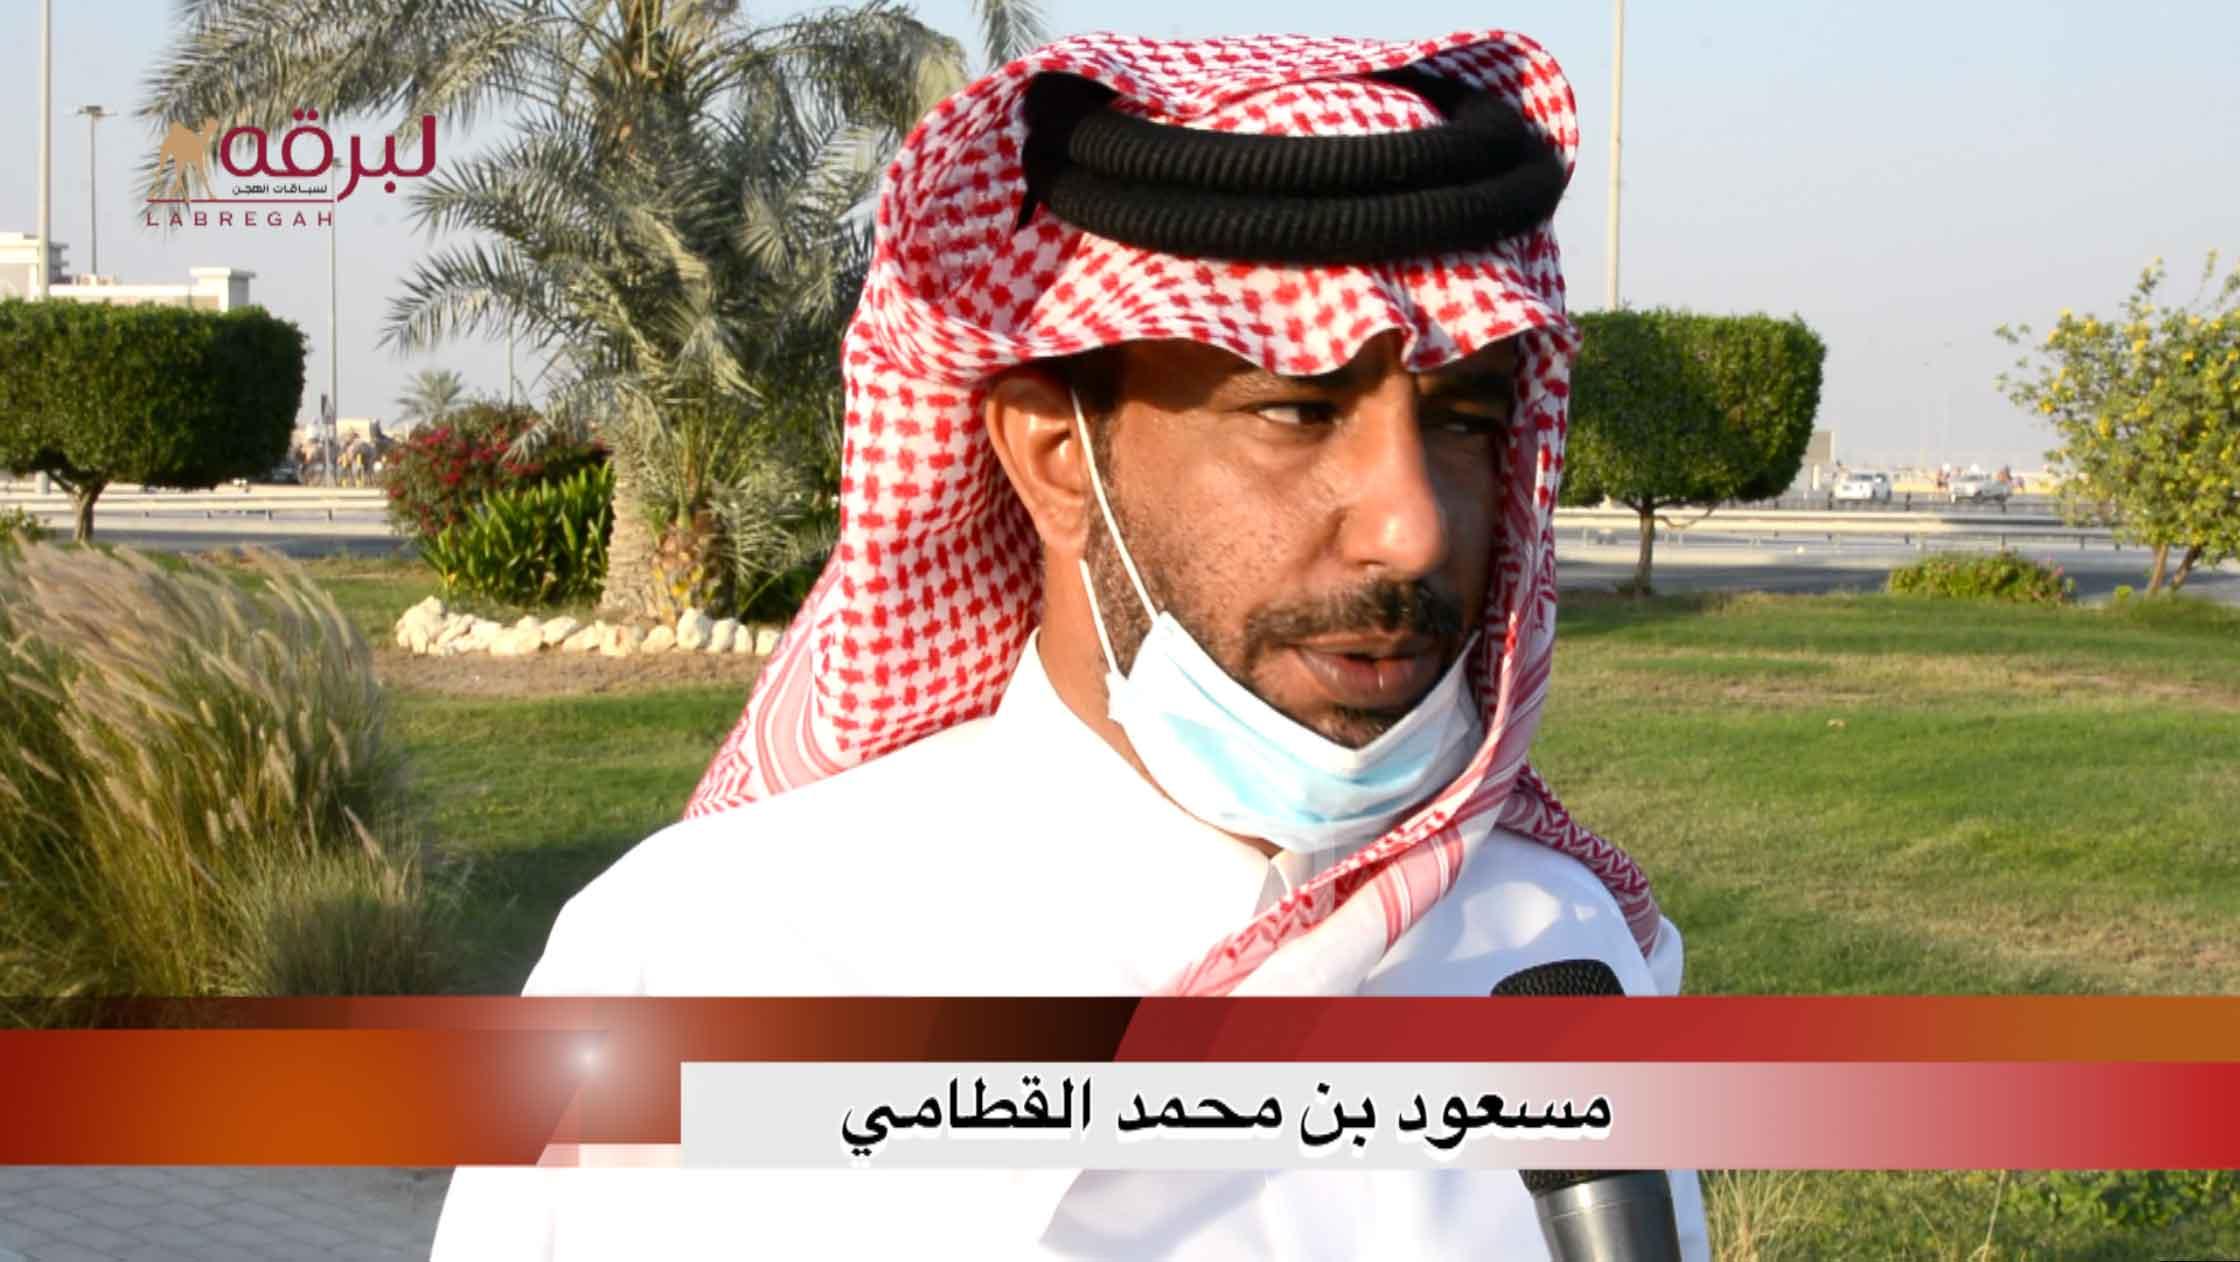 لقاء مع مسعود بن محمد القطامي.. الشوط الرئيسي للحقايق بكار إنتاج الأشواط العامة  ٥-١١-٢٠٢٠